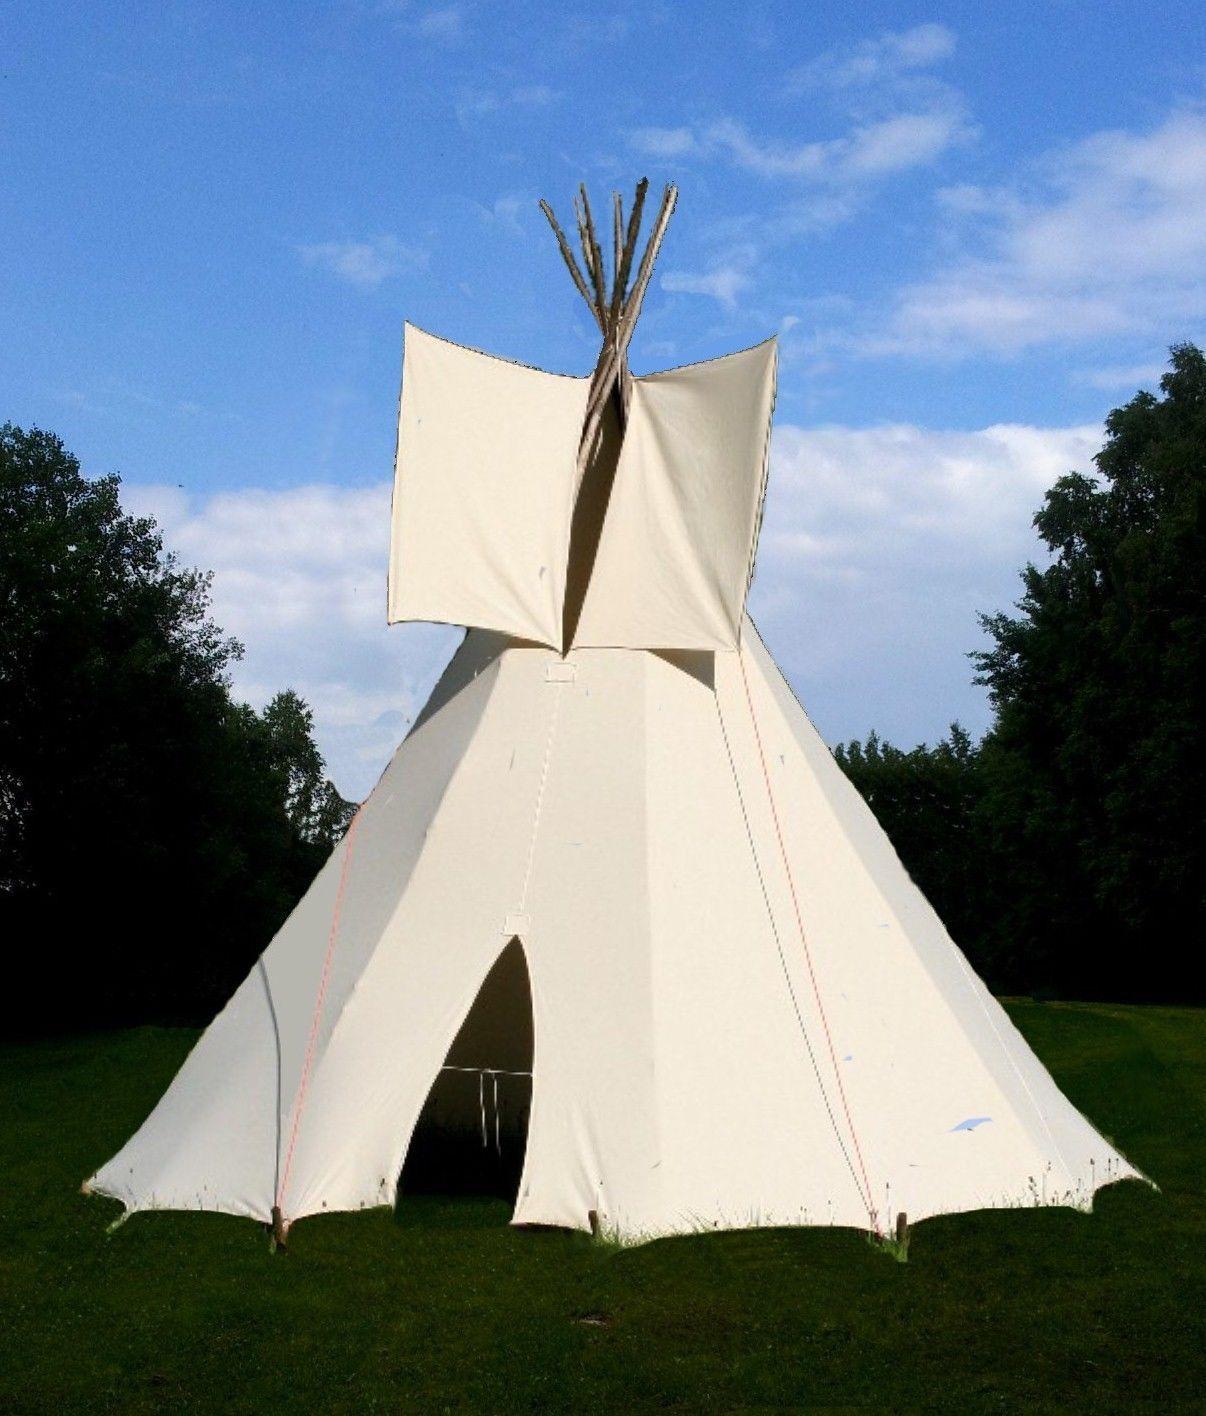 Ø 3m enfants tipi wigwam Tente pour enfant, indien de jeu PISCINE TOBOGGAN